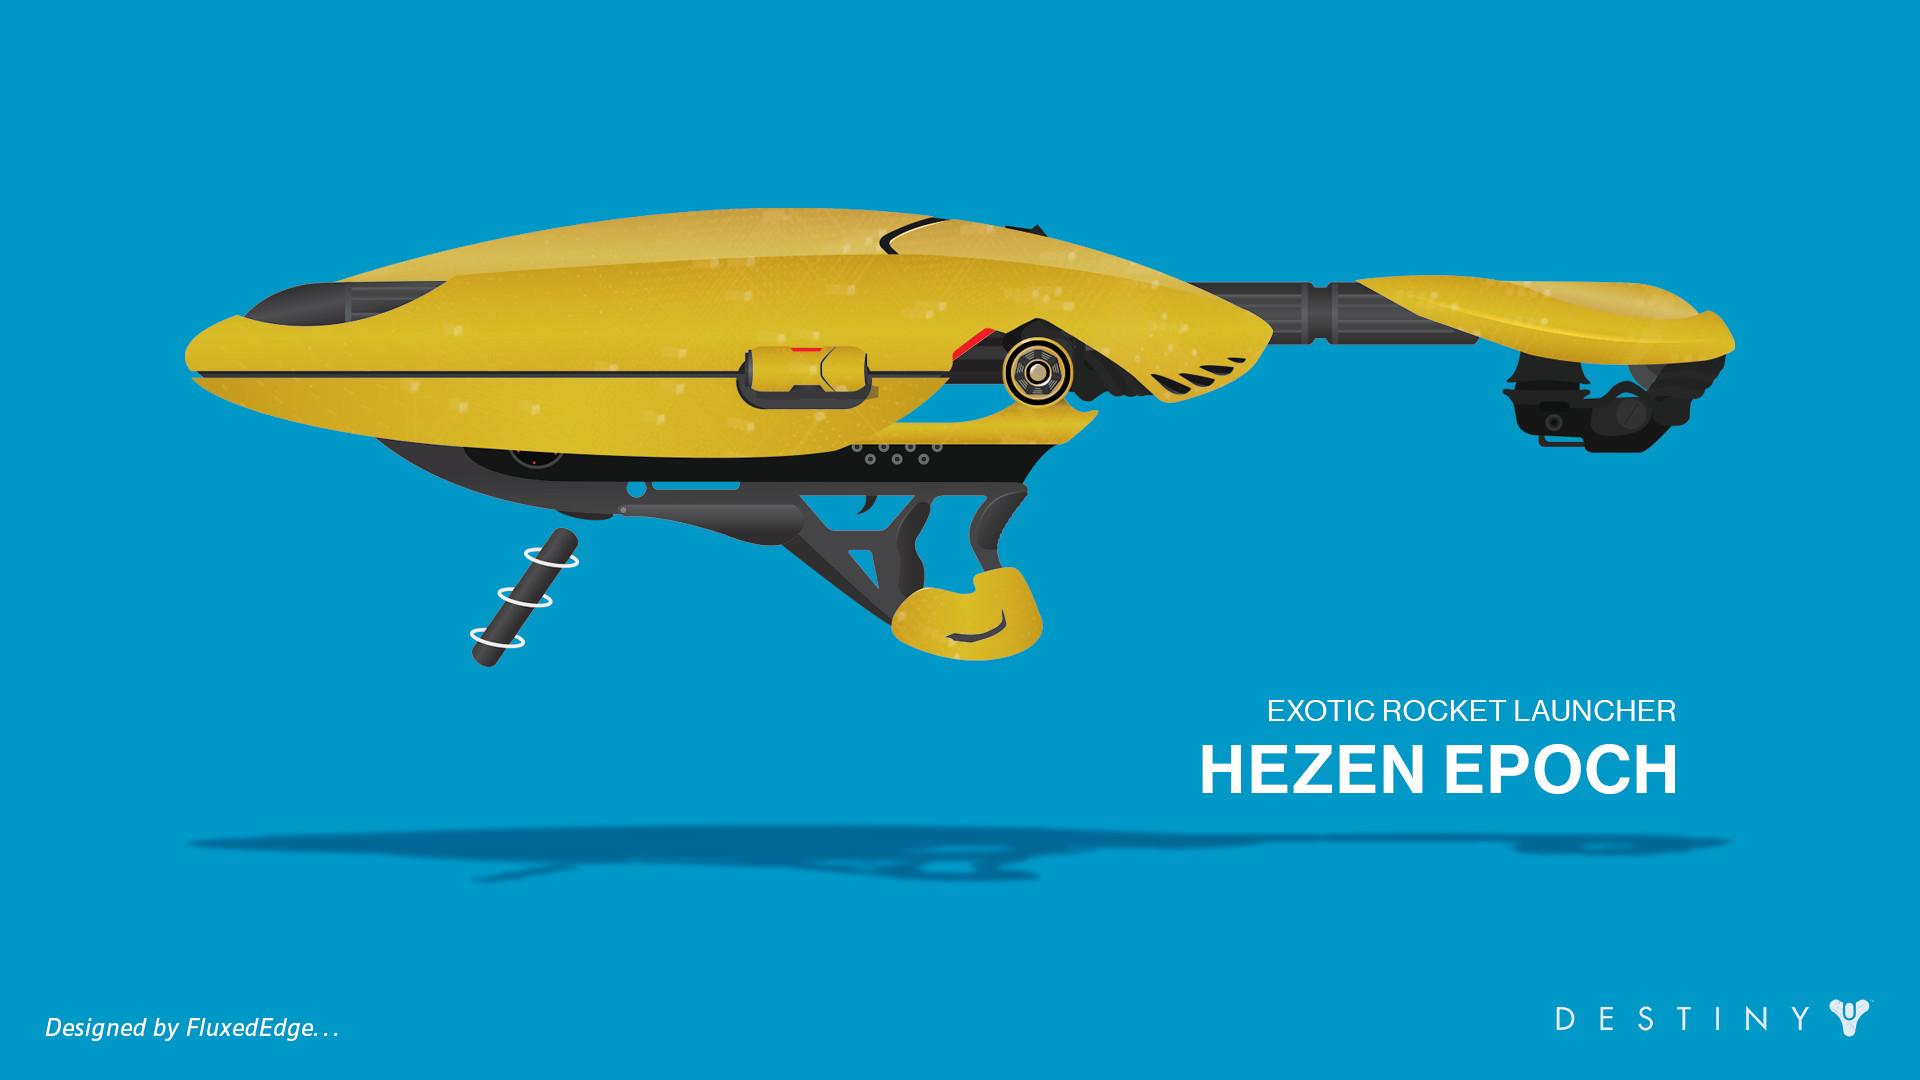 Hezen Epoch - CONCEPT WEAPON